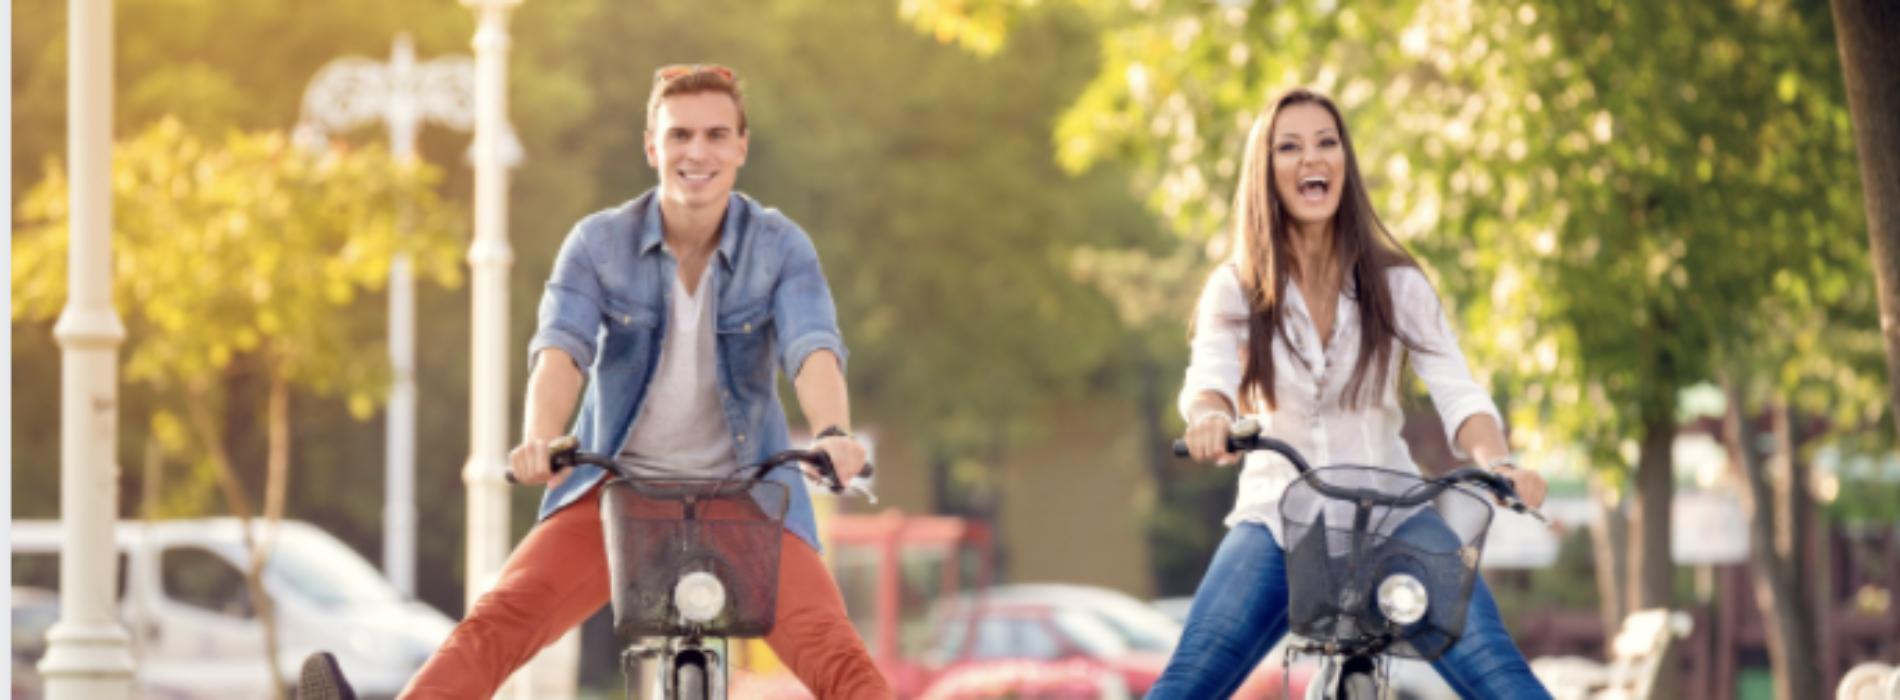 Viva la bicicletta! Oggi è la Giornata Mondiale del mezzo più sostenibile